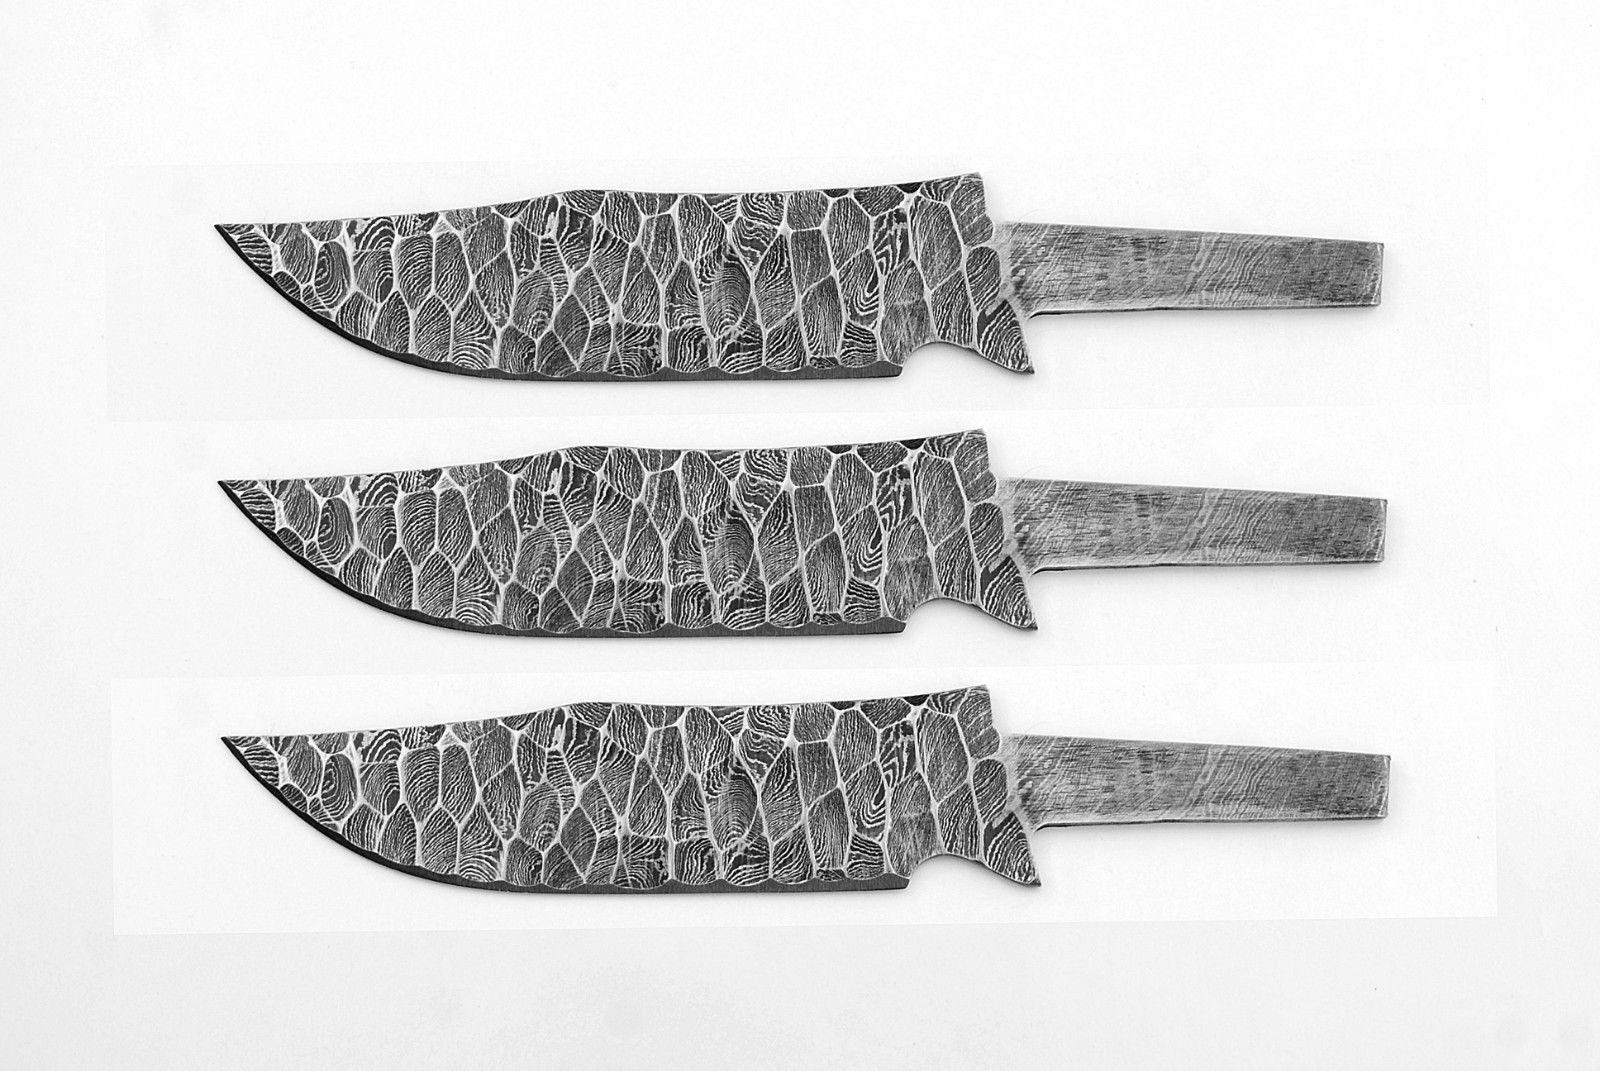 3XStück 3XStück 3XStück Damast messer  klinge jagdmesser blank blades (3 X KLINGEN) 0e2a5a